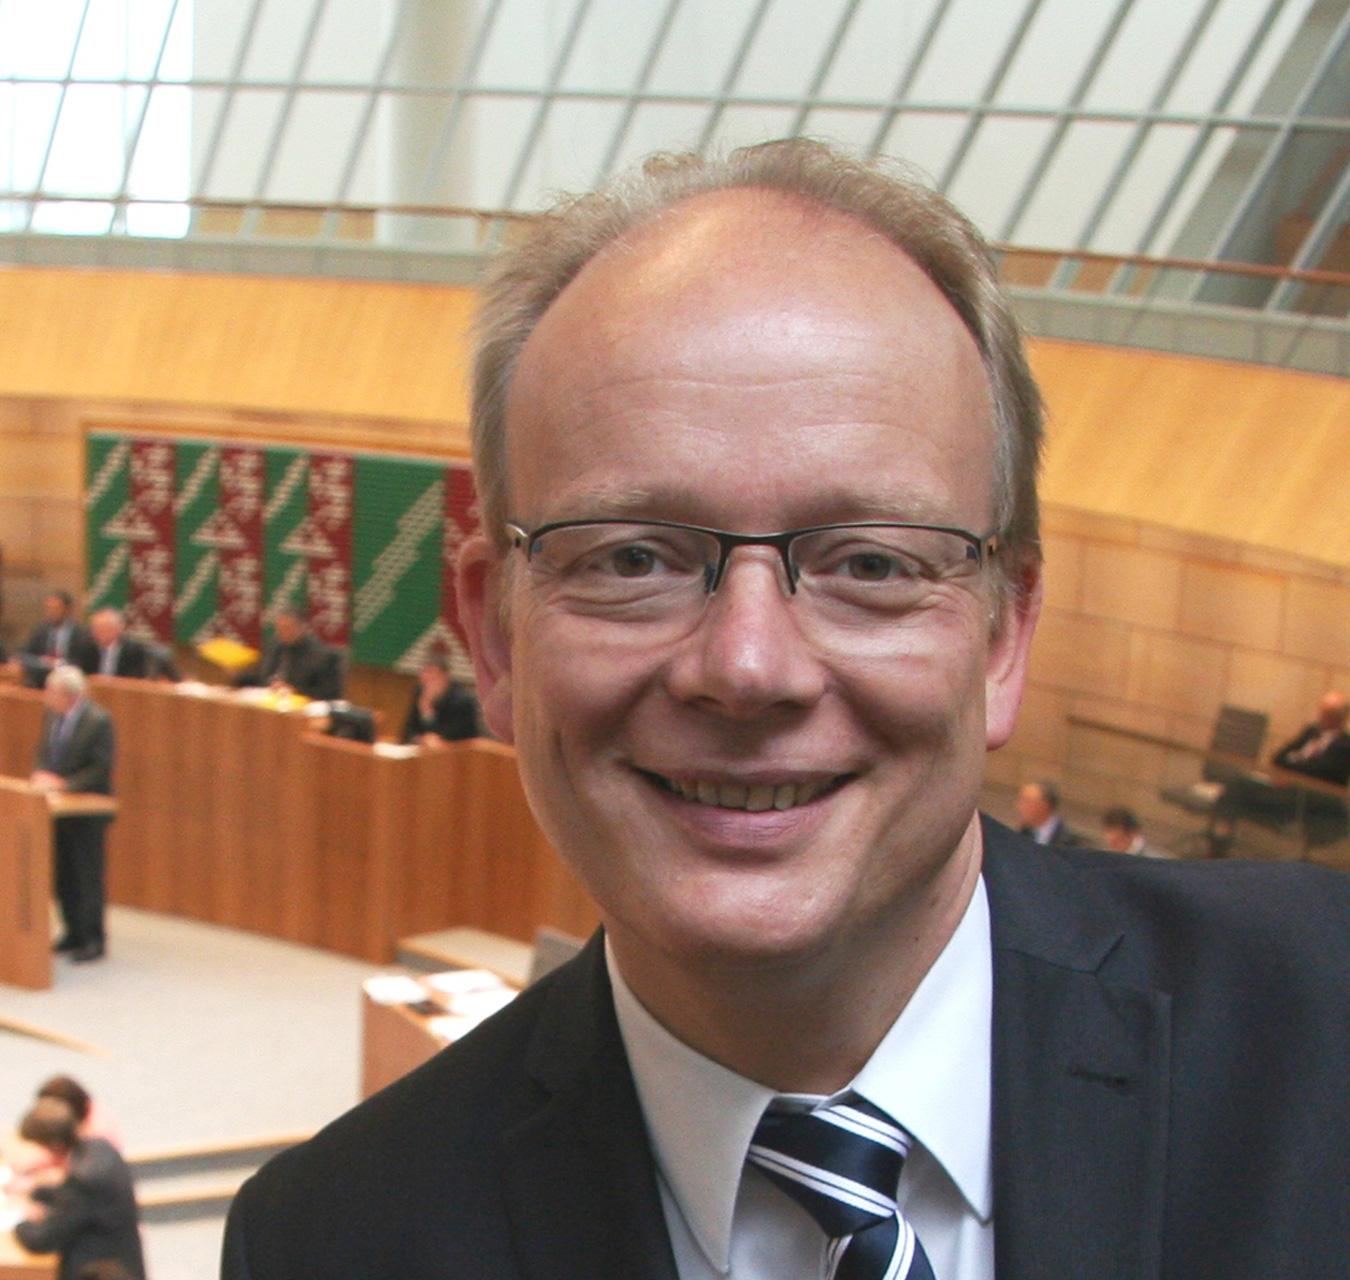 Andre Kuper